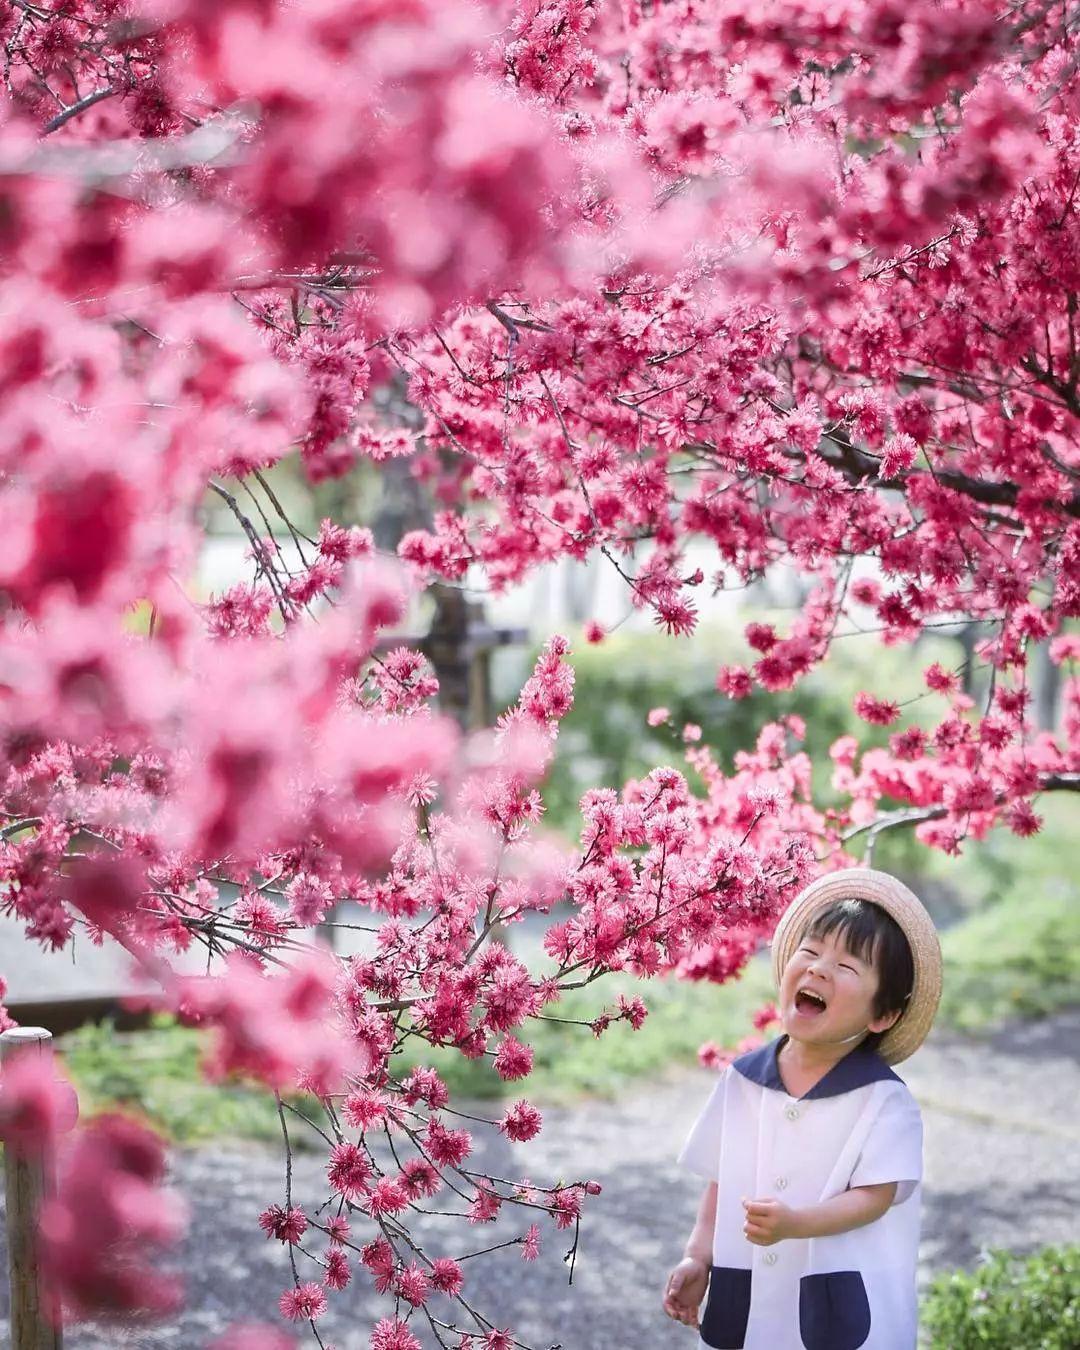 日本妈妈偷拍儿子3年,从摄影白痴逆袭成摄影大神!美成宫崎骏童话